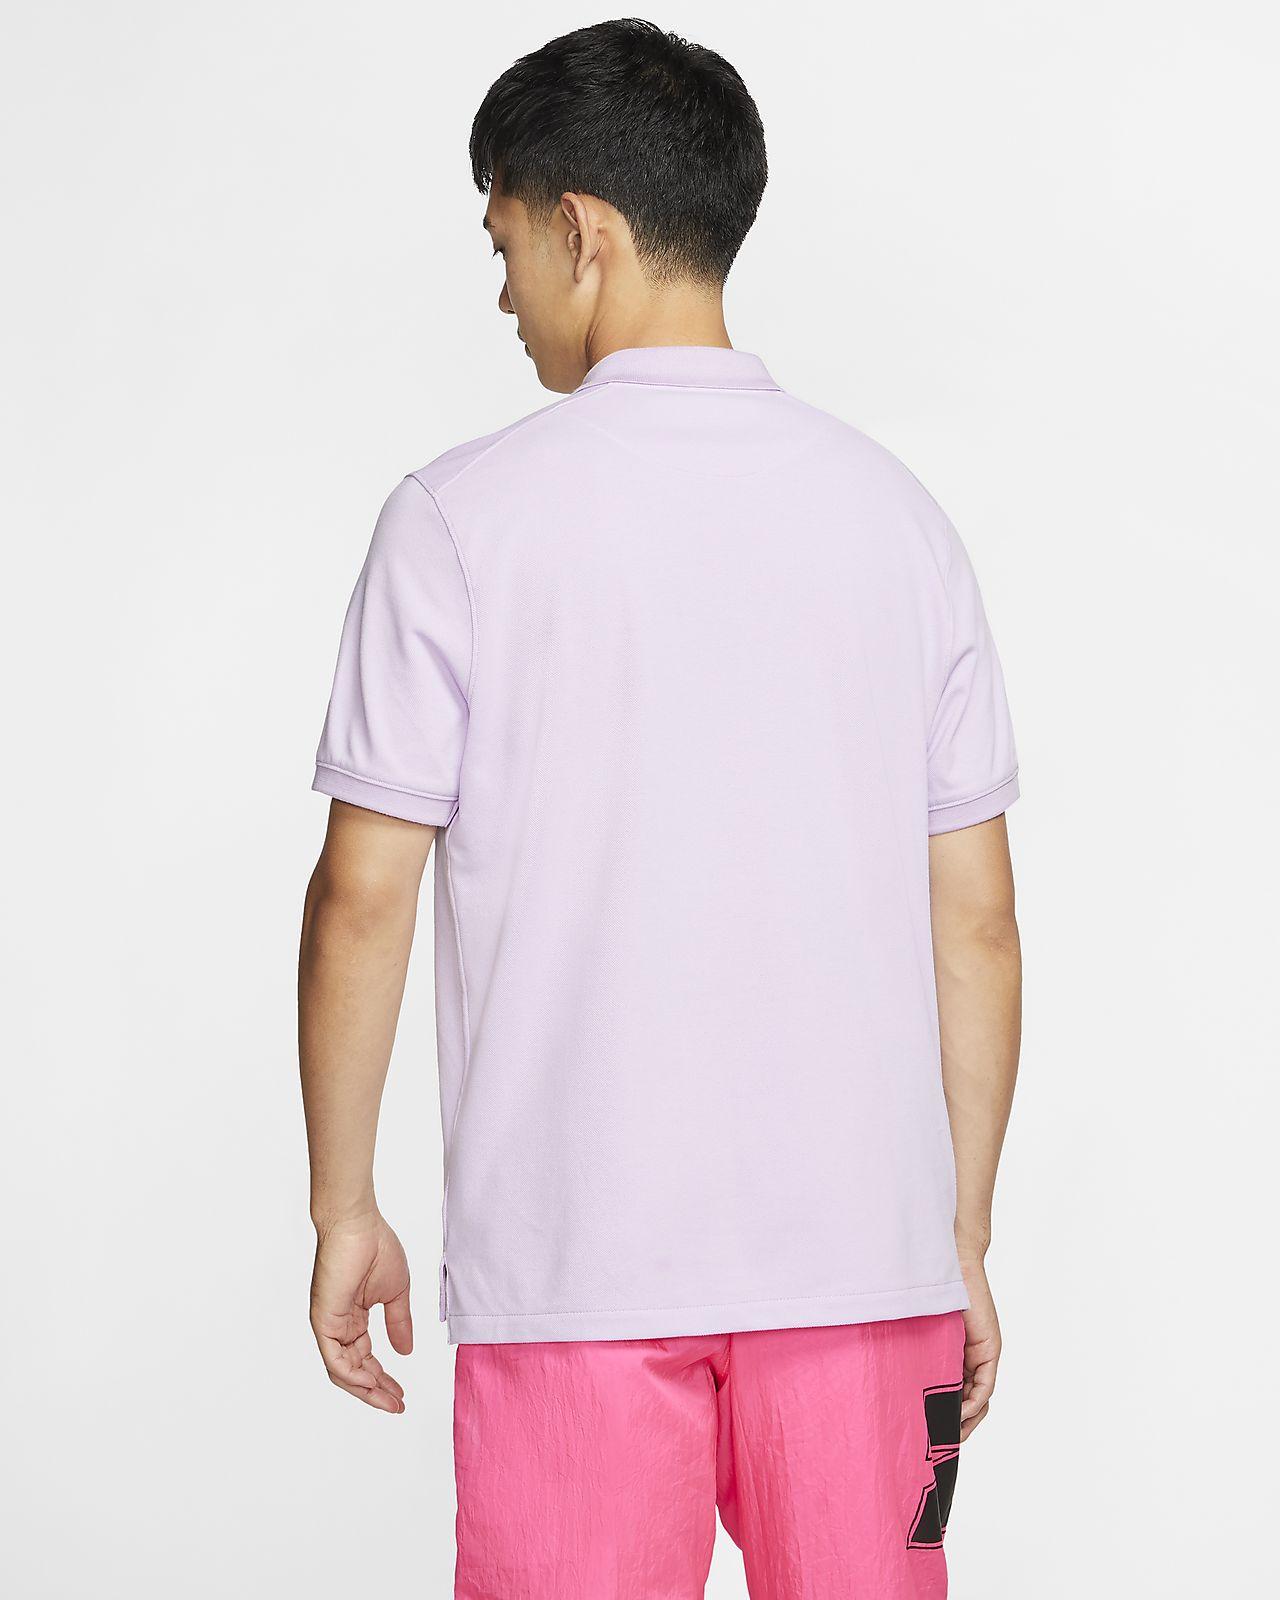 0e83e3776d93e0 The Nike Polo Men s Polo. Nike.com SG